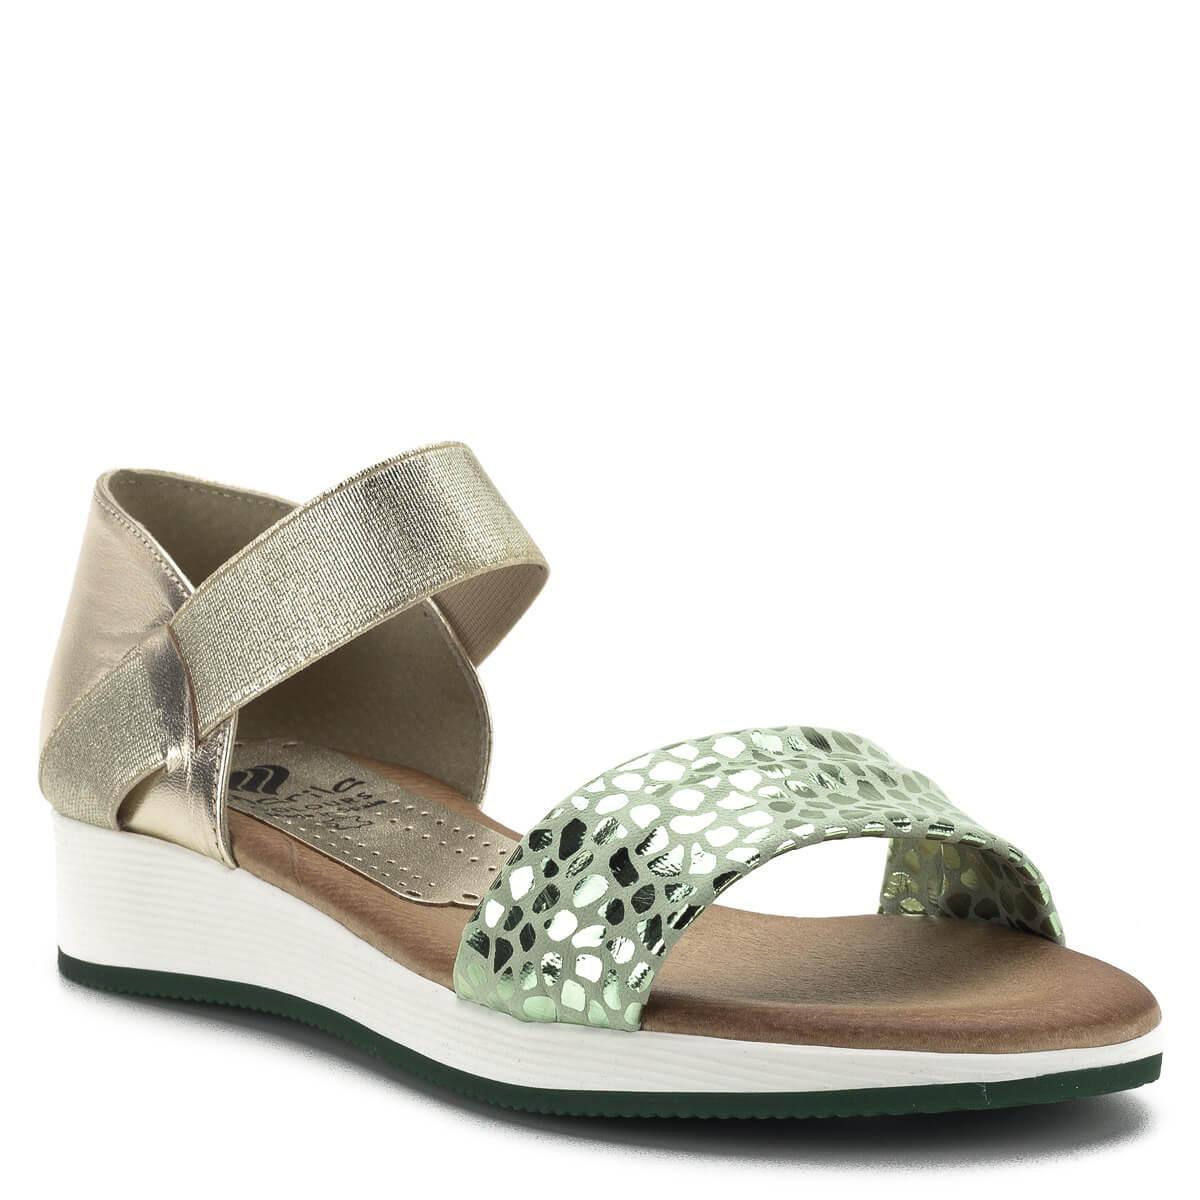 Kézzel Készített Kényelmes Talp Női cipő Lapos Alkalmi